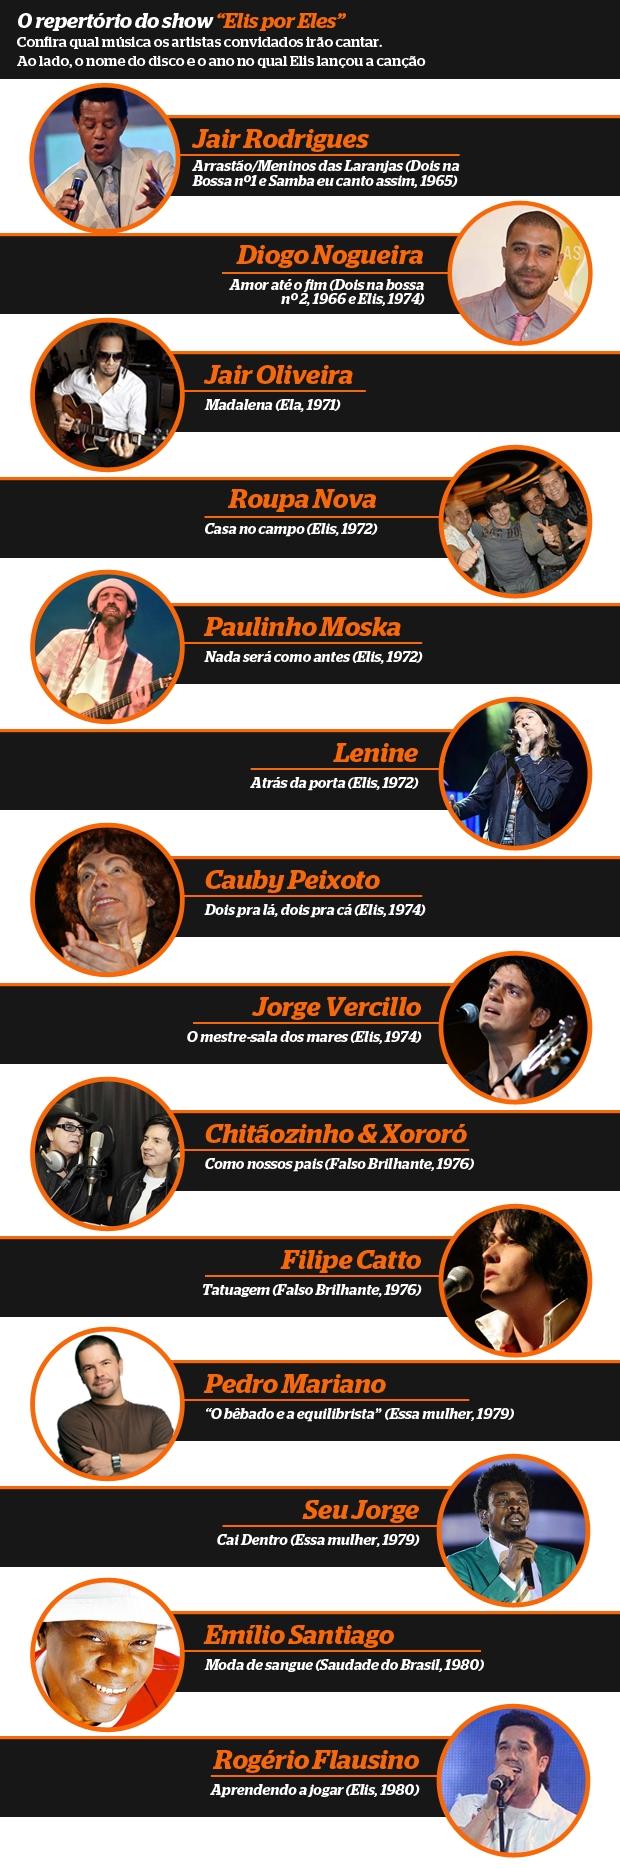 Lista Pedro Mariano (Foto: Divulgação)